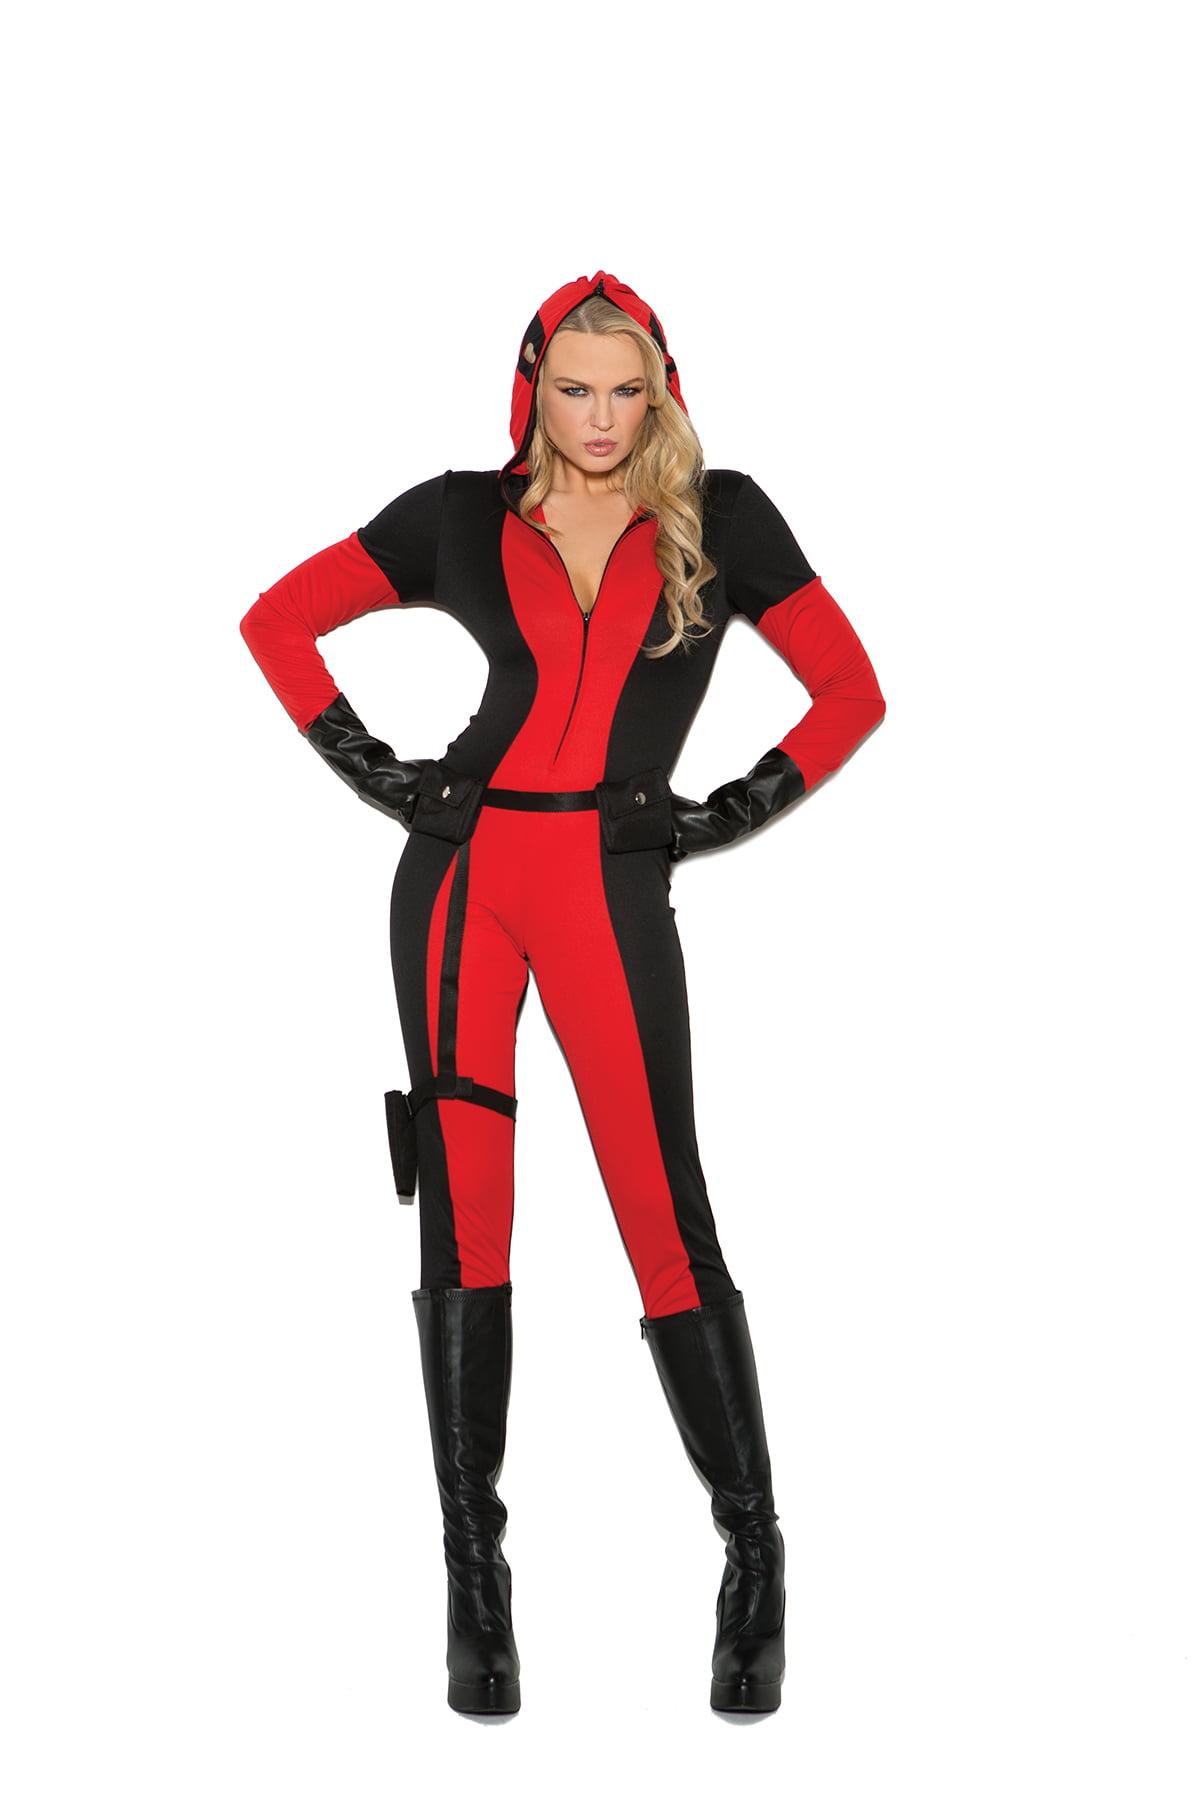 5b38fb643 Red Vinyl Jumpsuit Costume